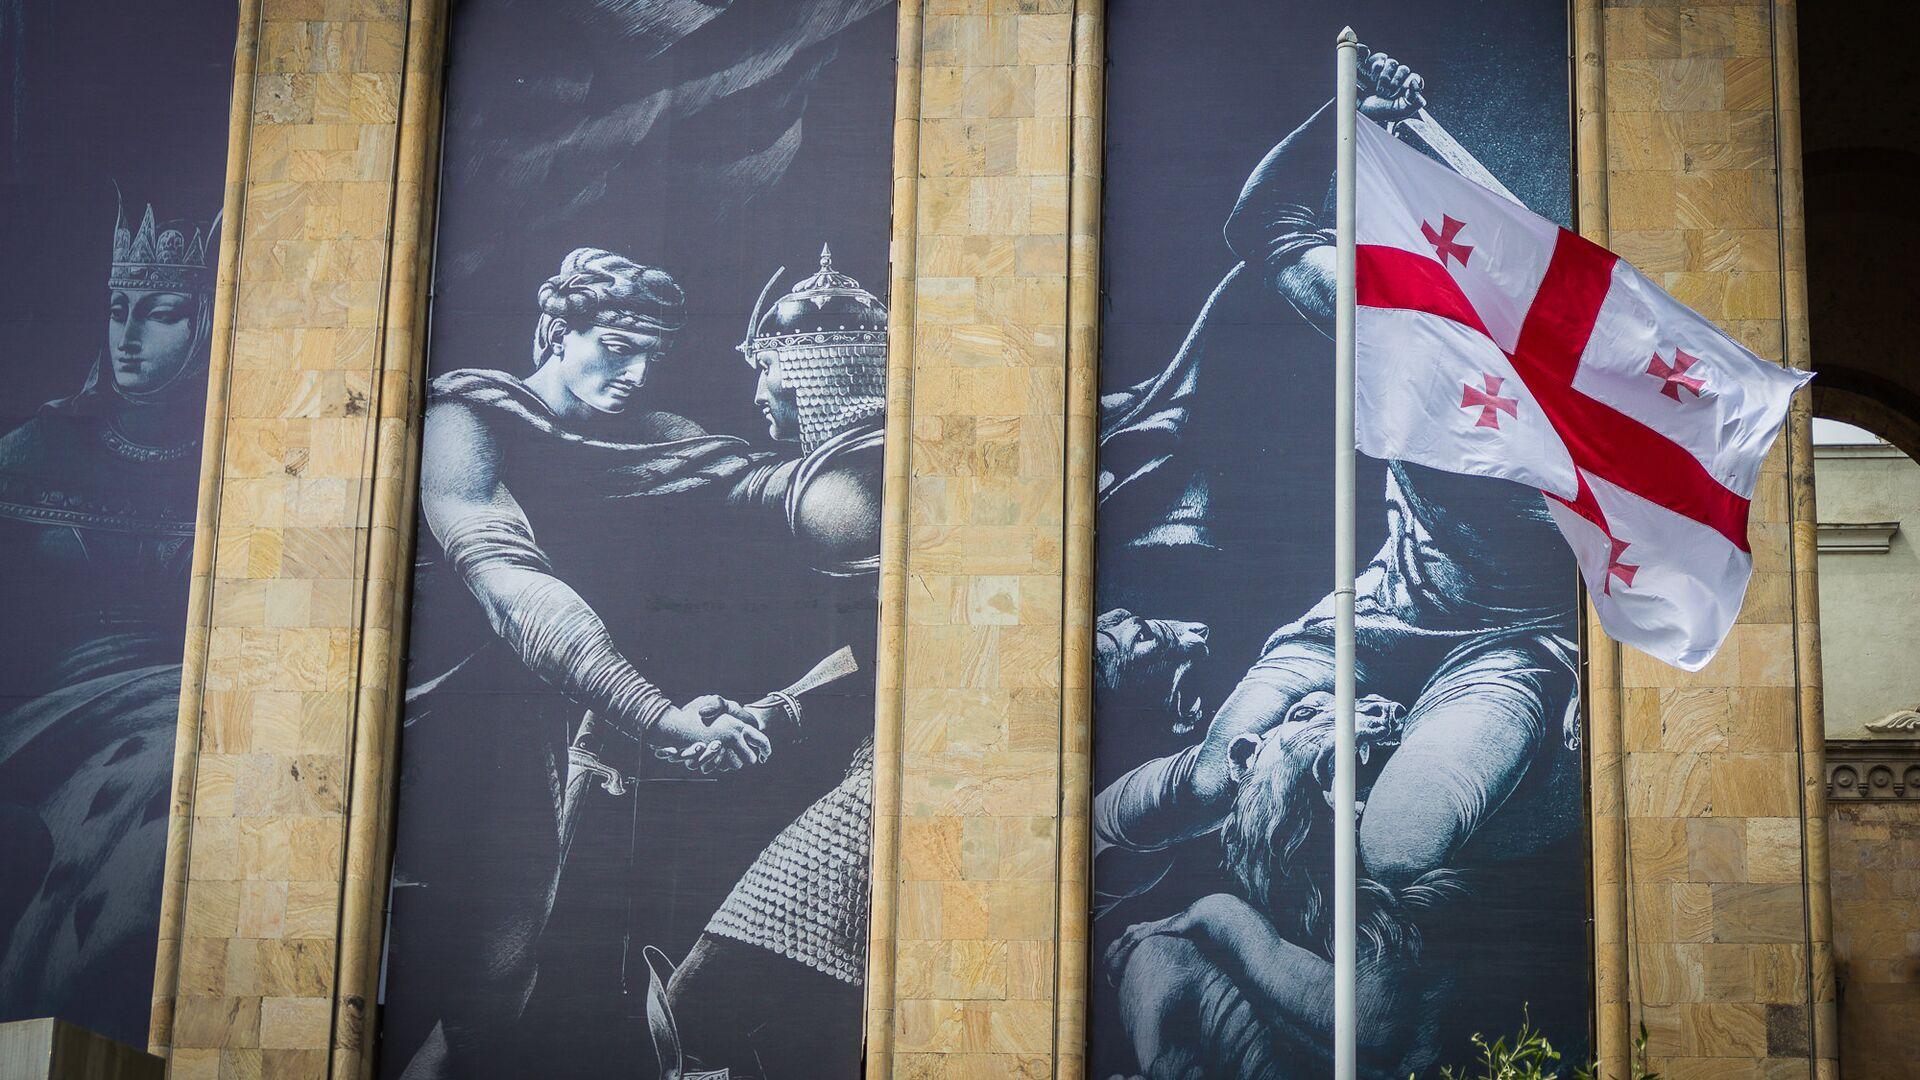 Флаг Грузии на фоне иллюстраций к поэме Шота Руставели Витязь в тигровой шкуре, расположенных на здании Парламента Грузии - Sputnik Грузия, 1920, 13.10.2021